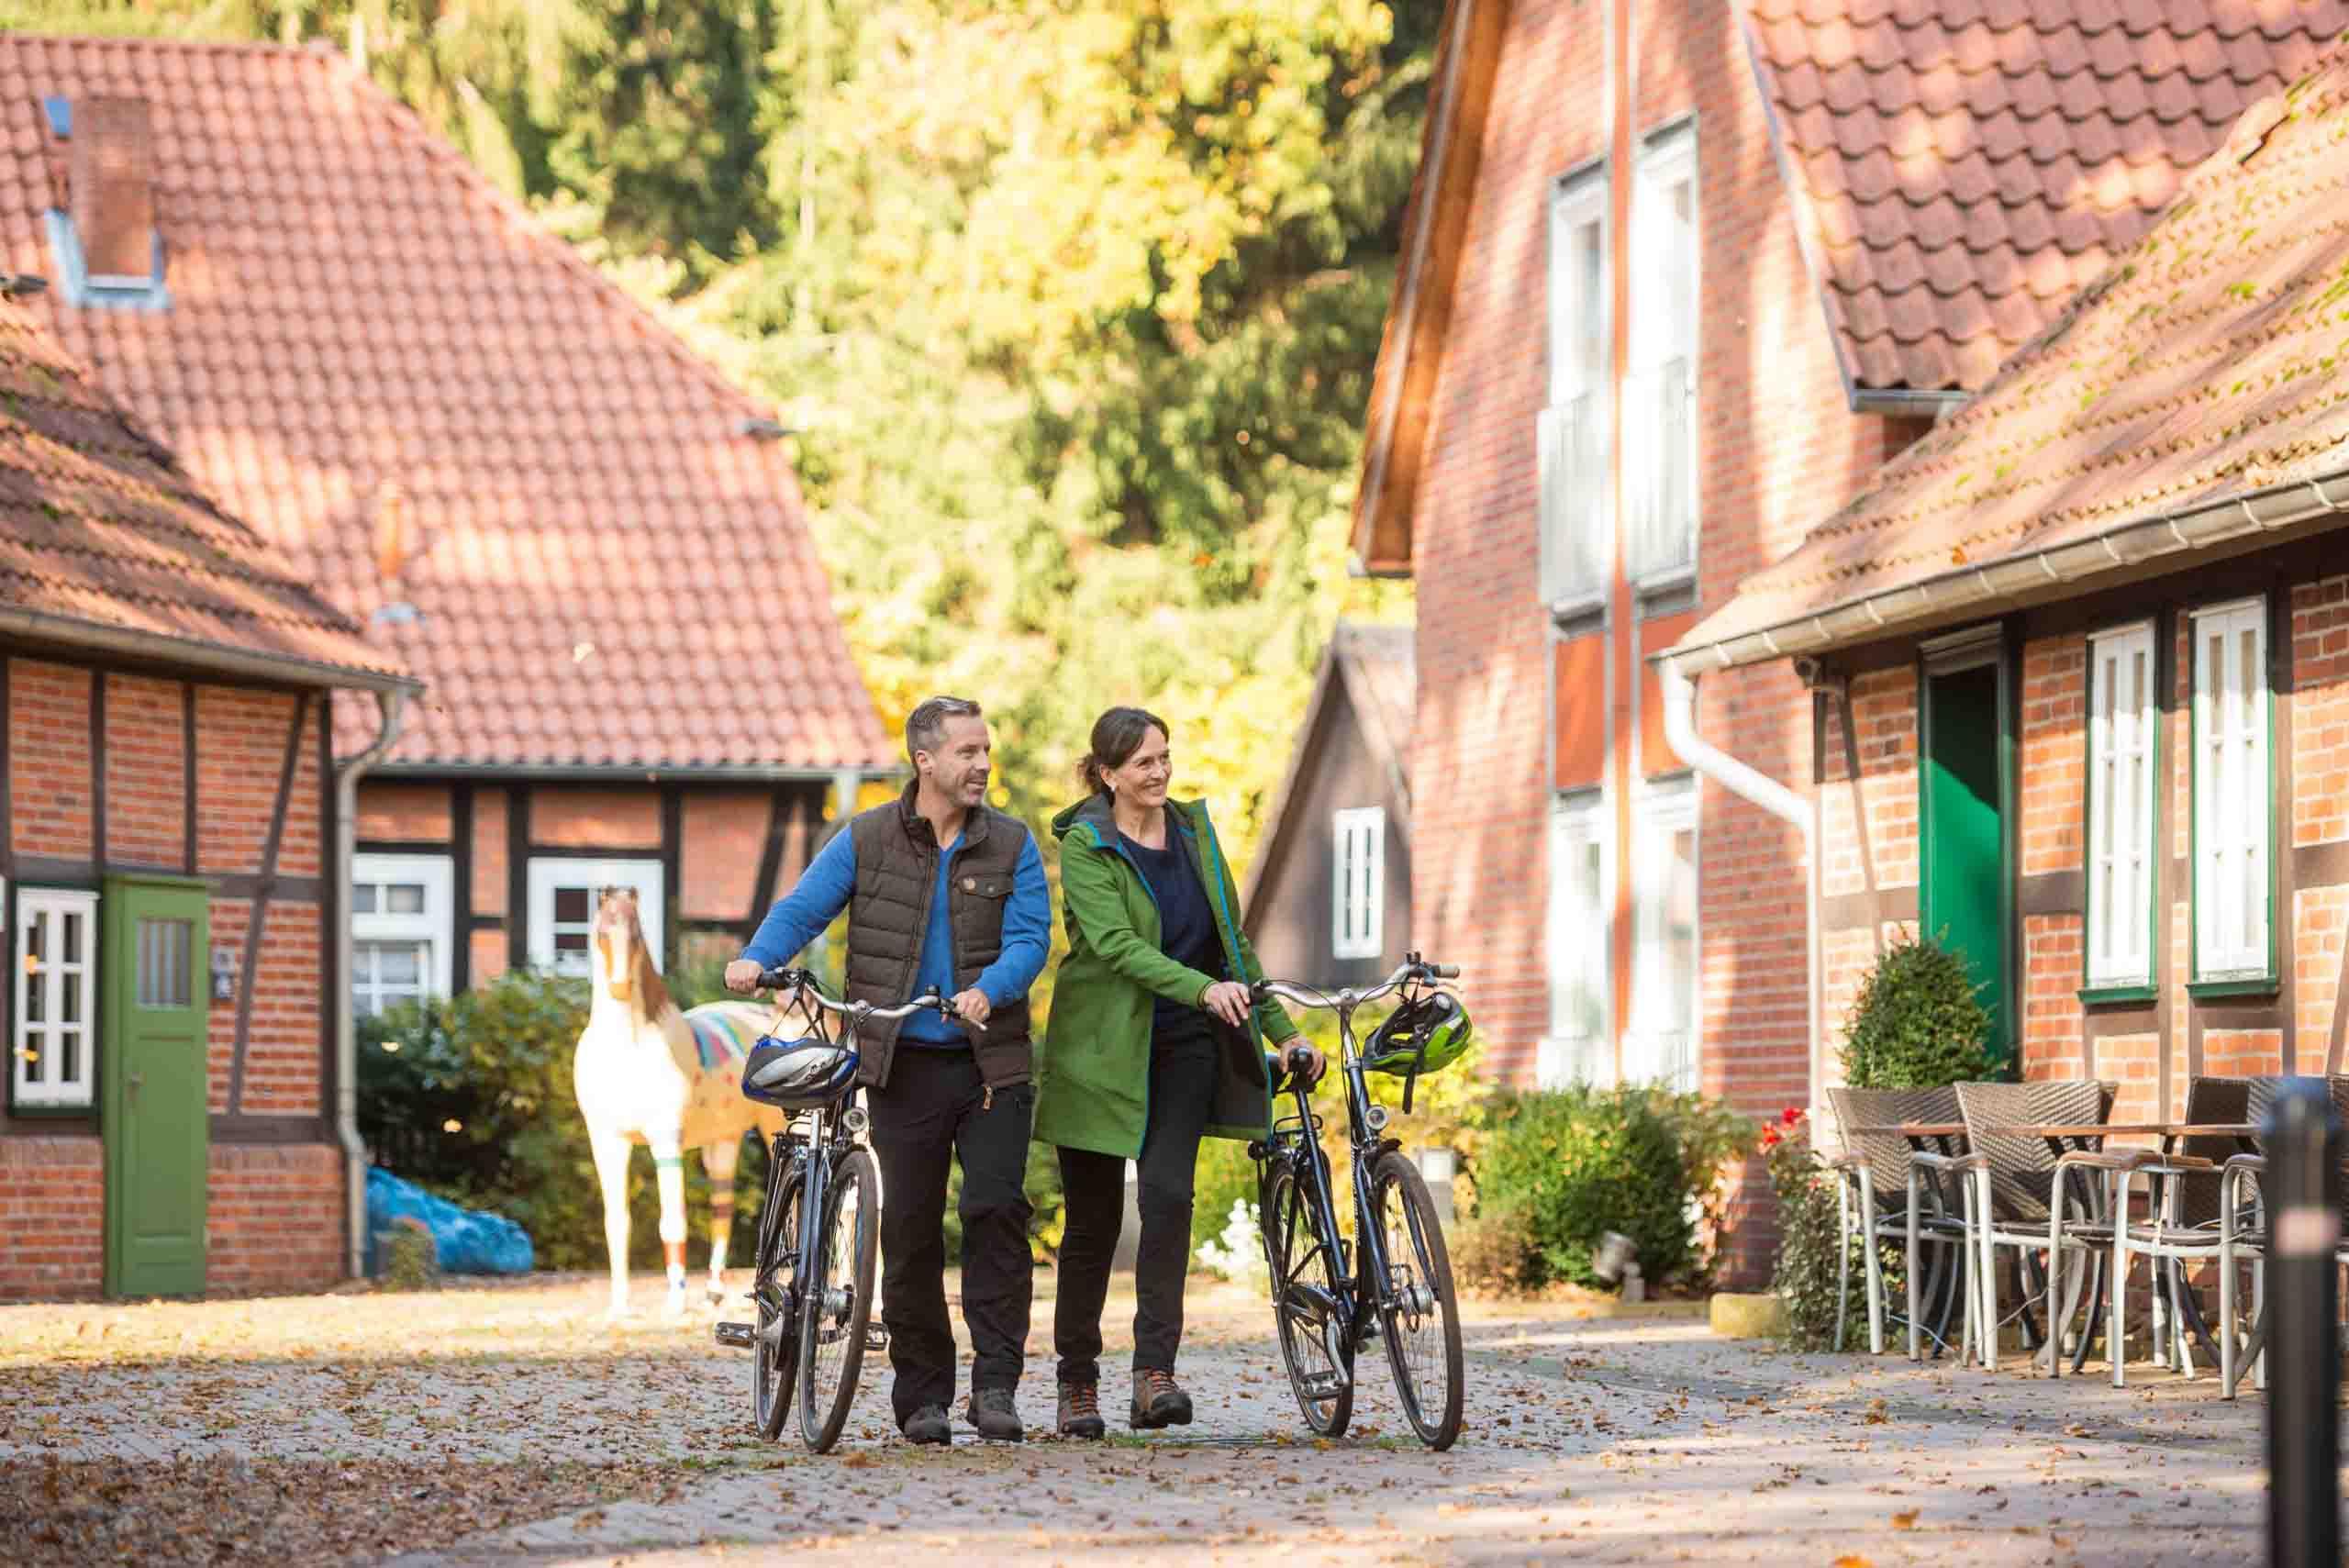 Der Ortskern mit Fachwerkhäusern in Wienhausen